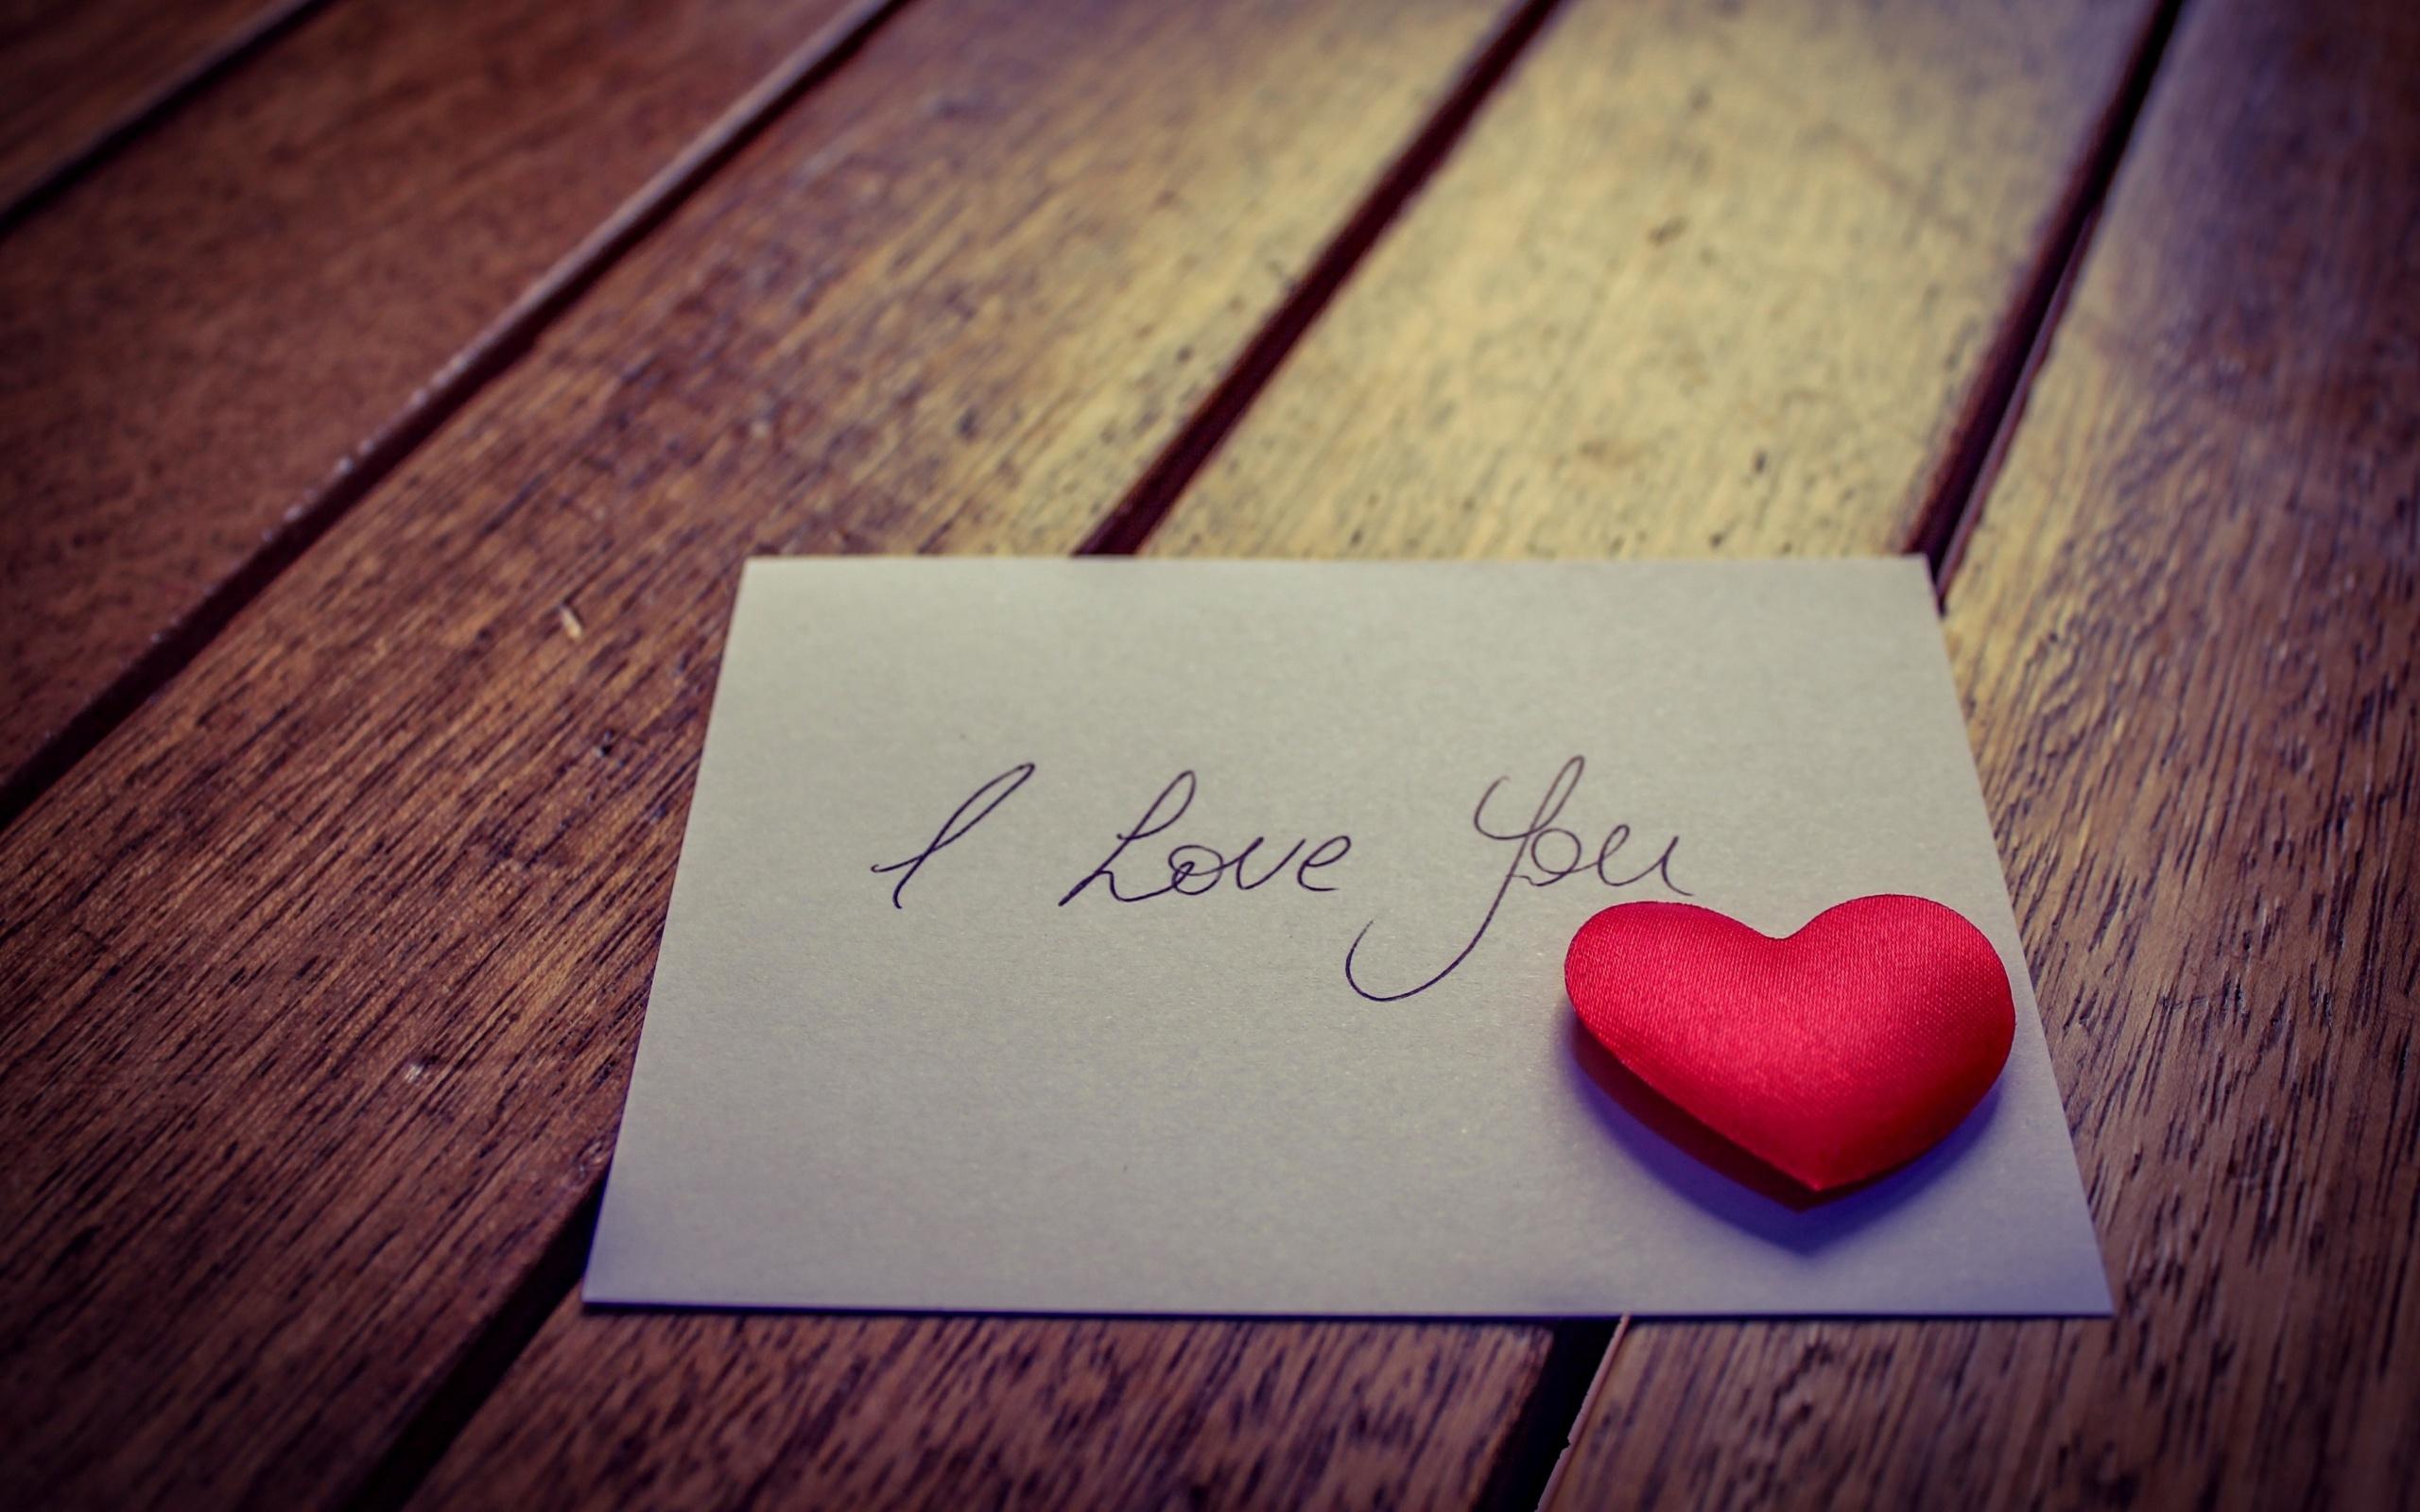 Картинки для рабочего стола любовь   скачать бесплатно (2)